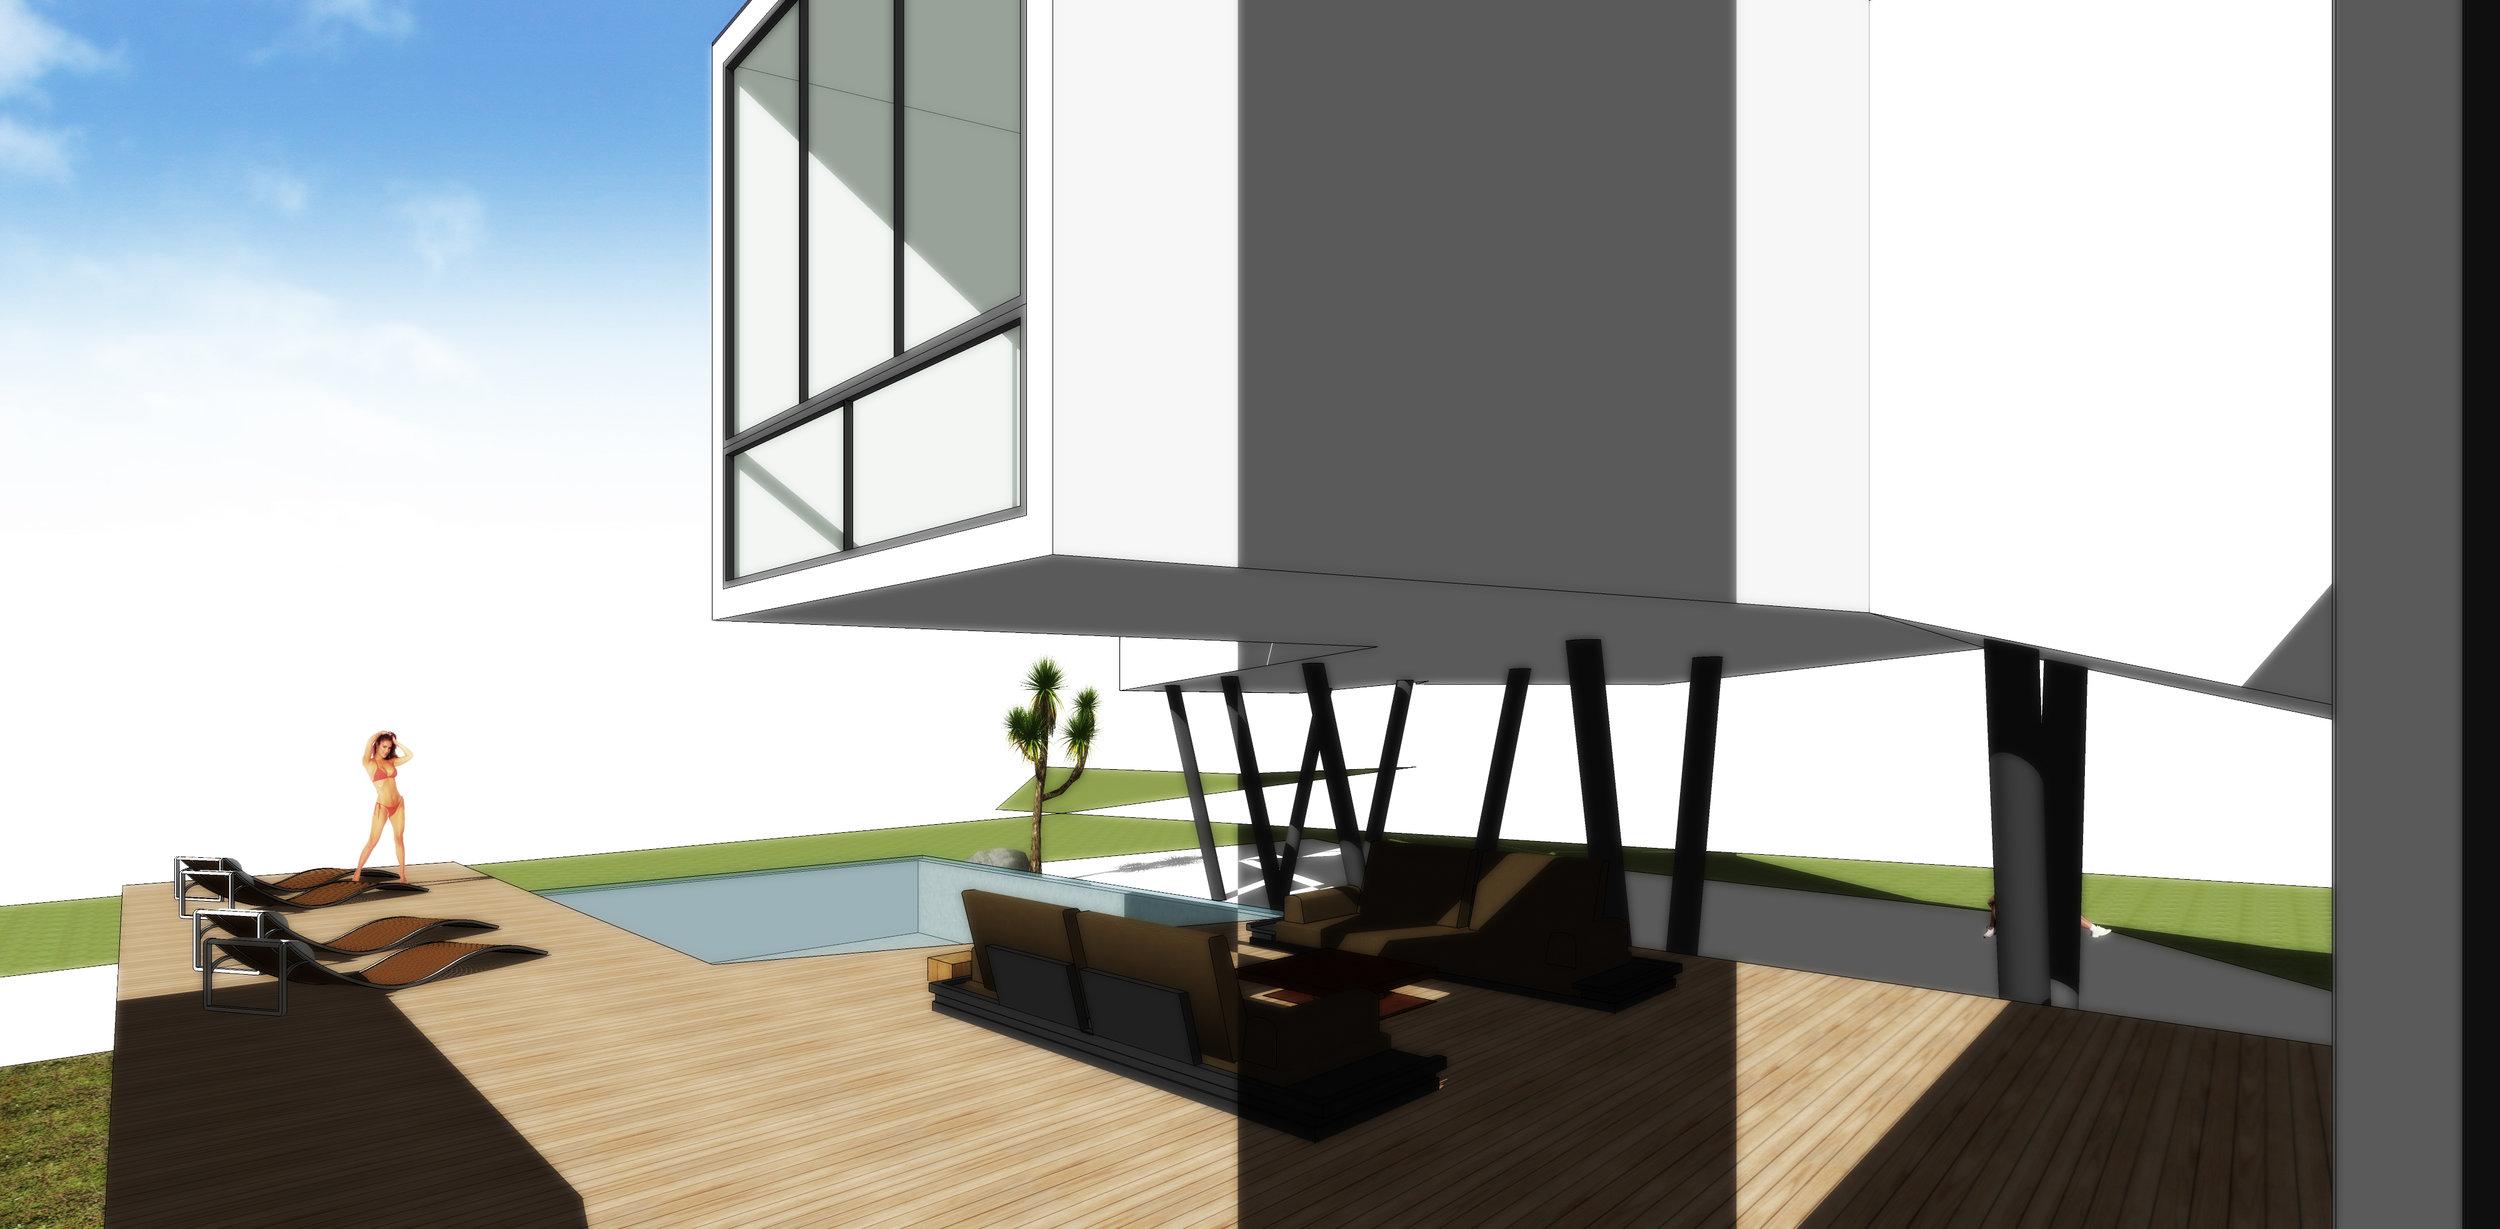 Ribbon house VI.5 - Diego del Castillo (8).jpg